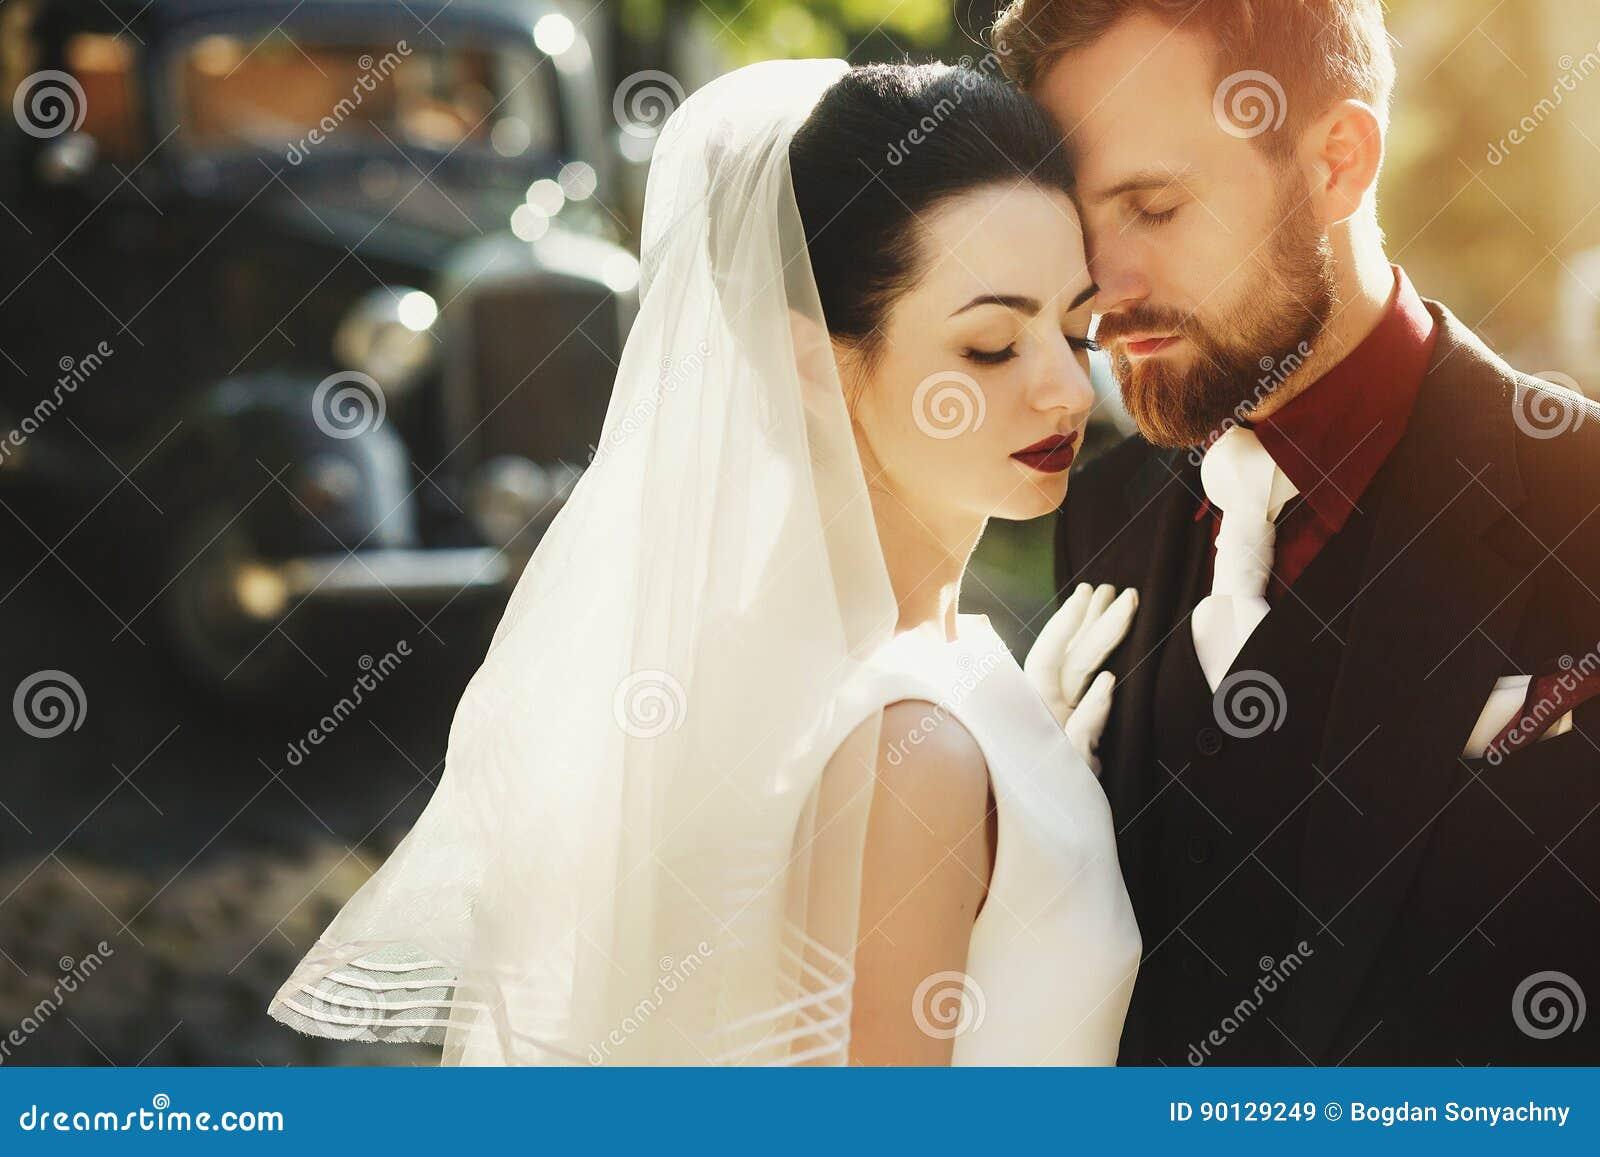 Wspaniała elegancka panna młoda i elegancki fornala obejmowanie, delikatny dotyk